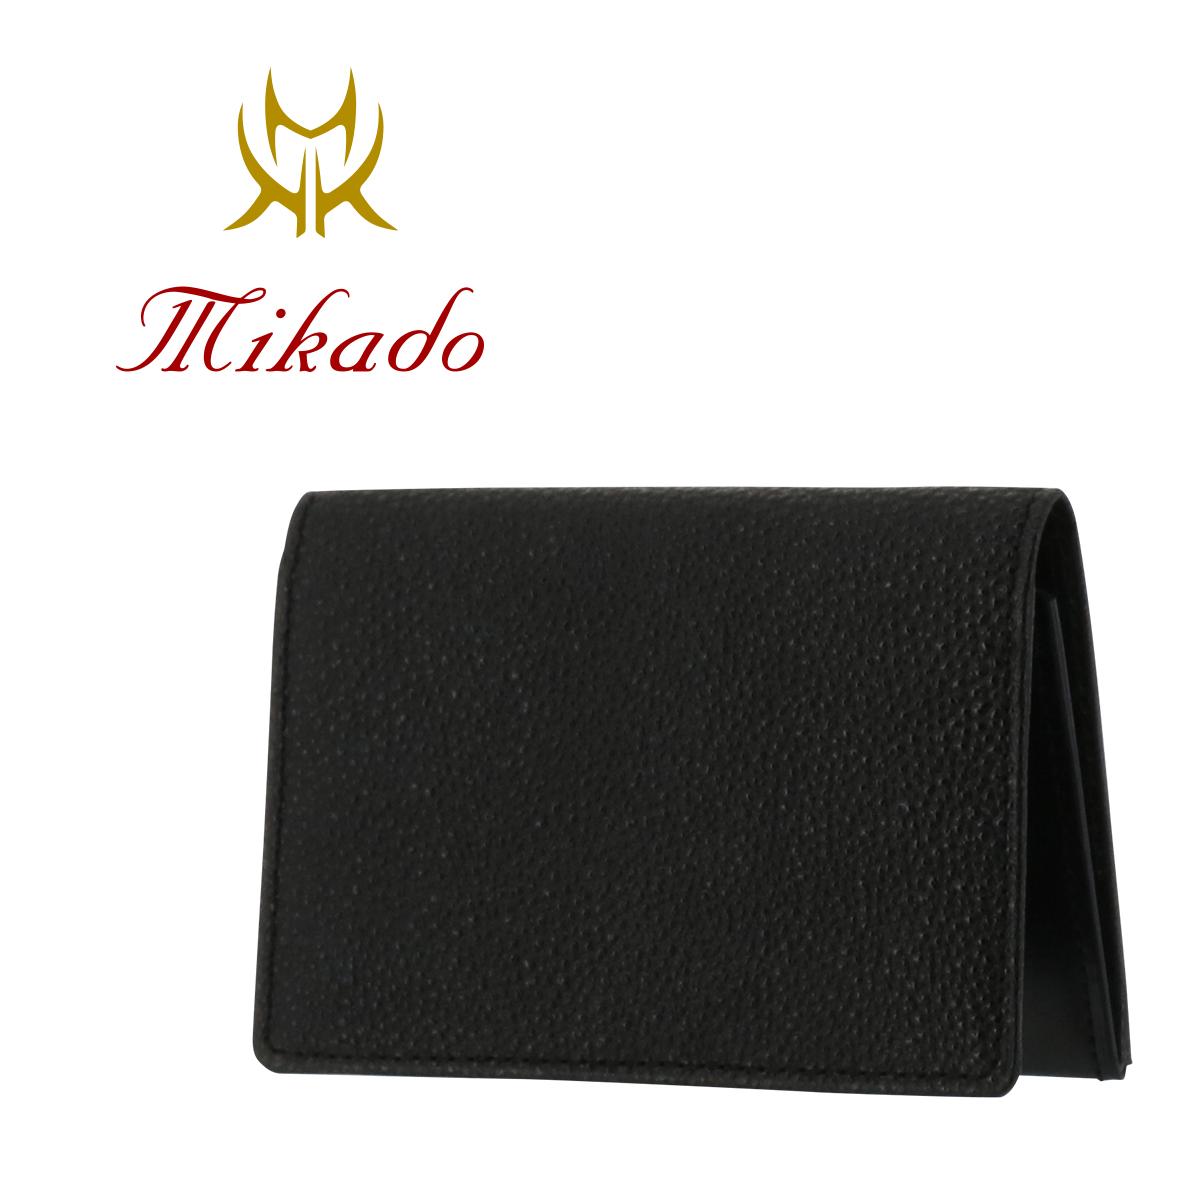 ミカド Mikado カードケース 520017 黒桟革 【 渡りマチ 名刺入れ メンズ レザー 】[PO5][bef][即日発送]